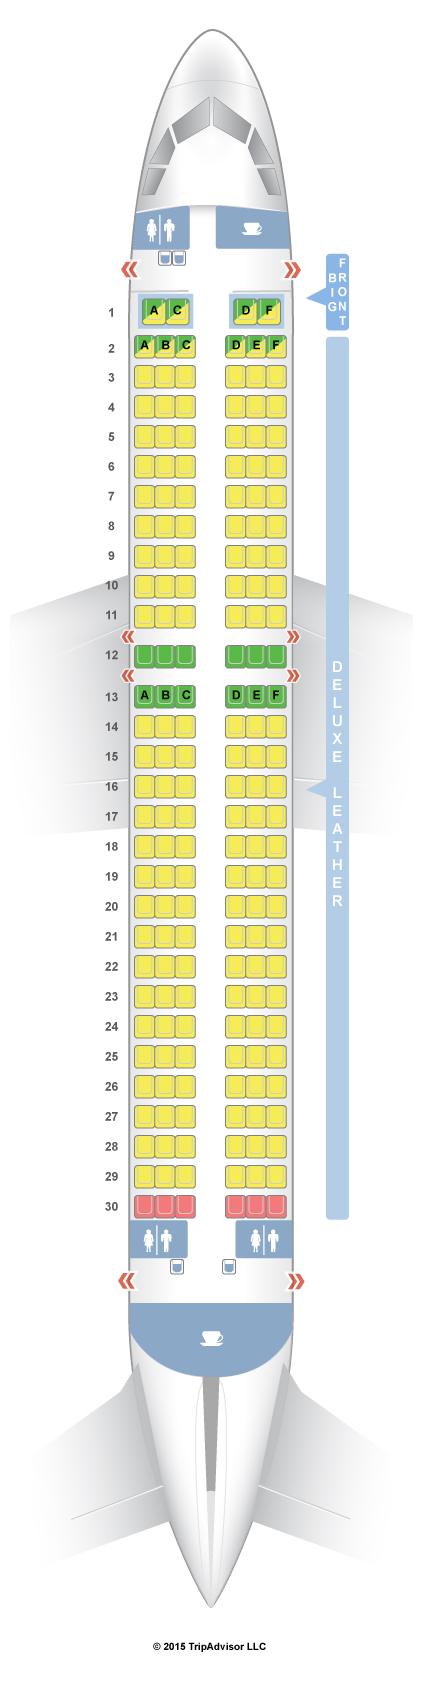 19 Lovely Spirit Airline Seating Chart